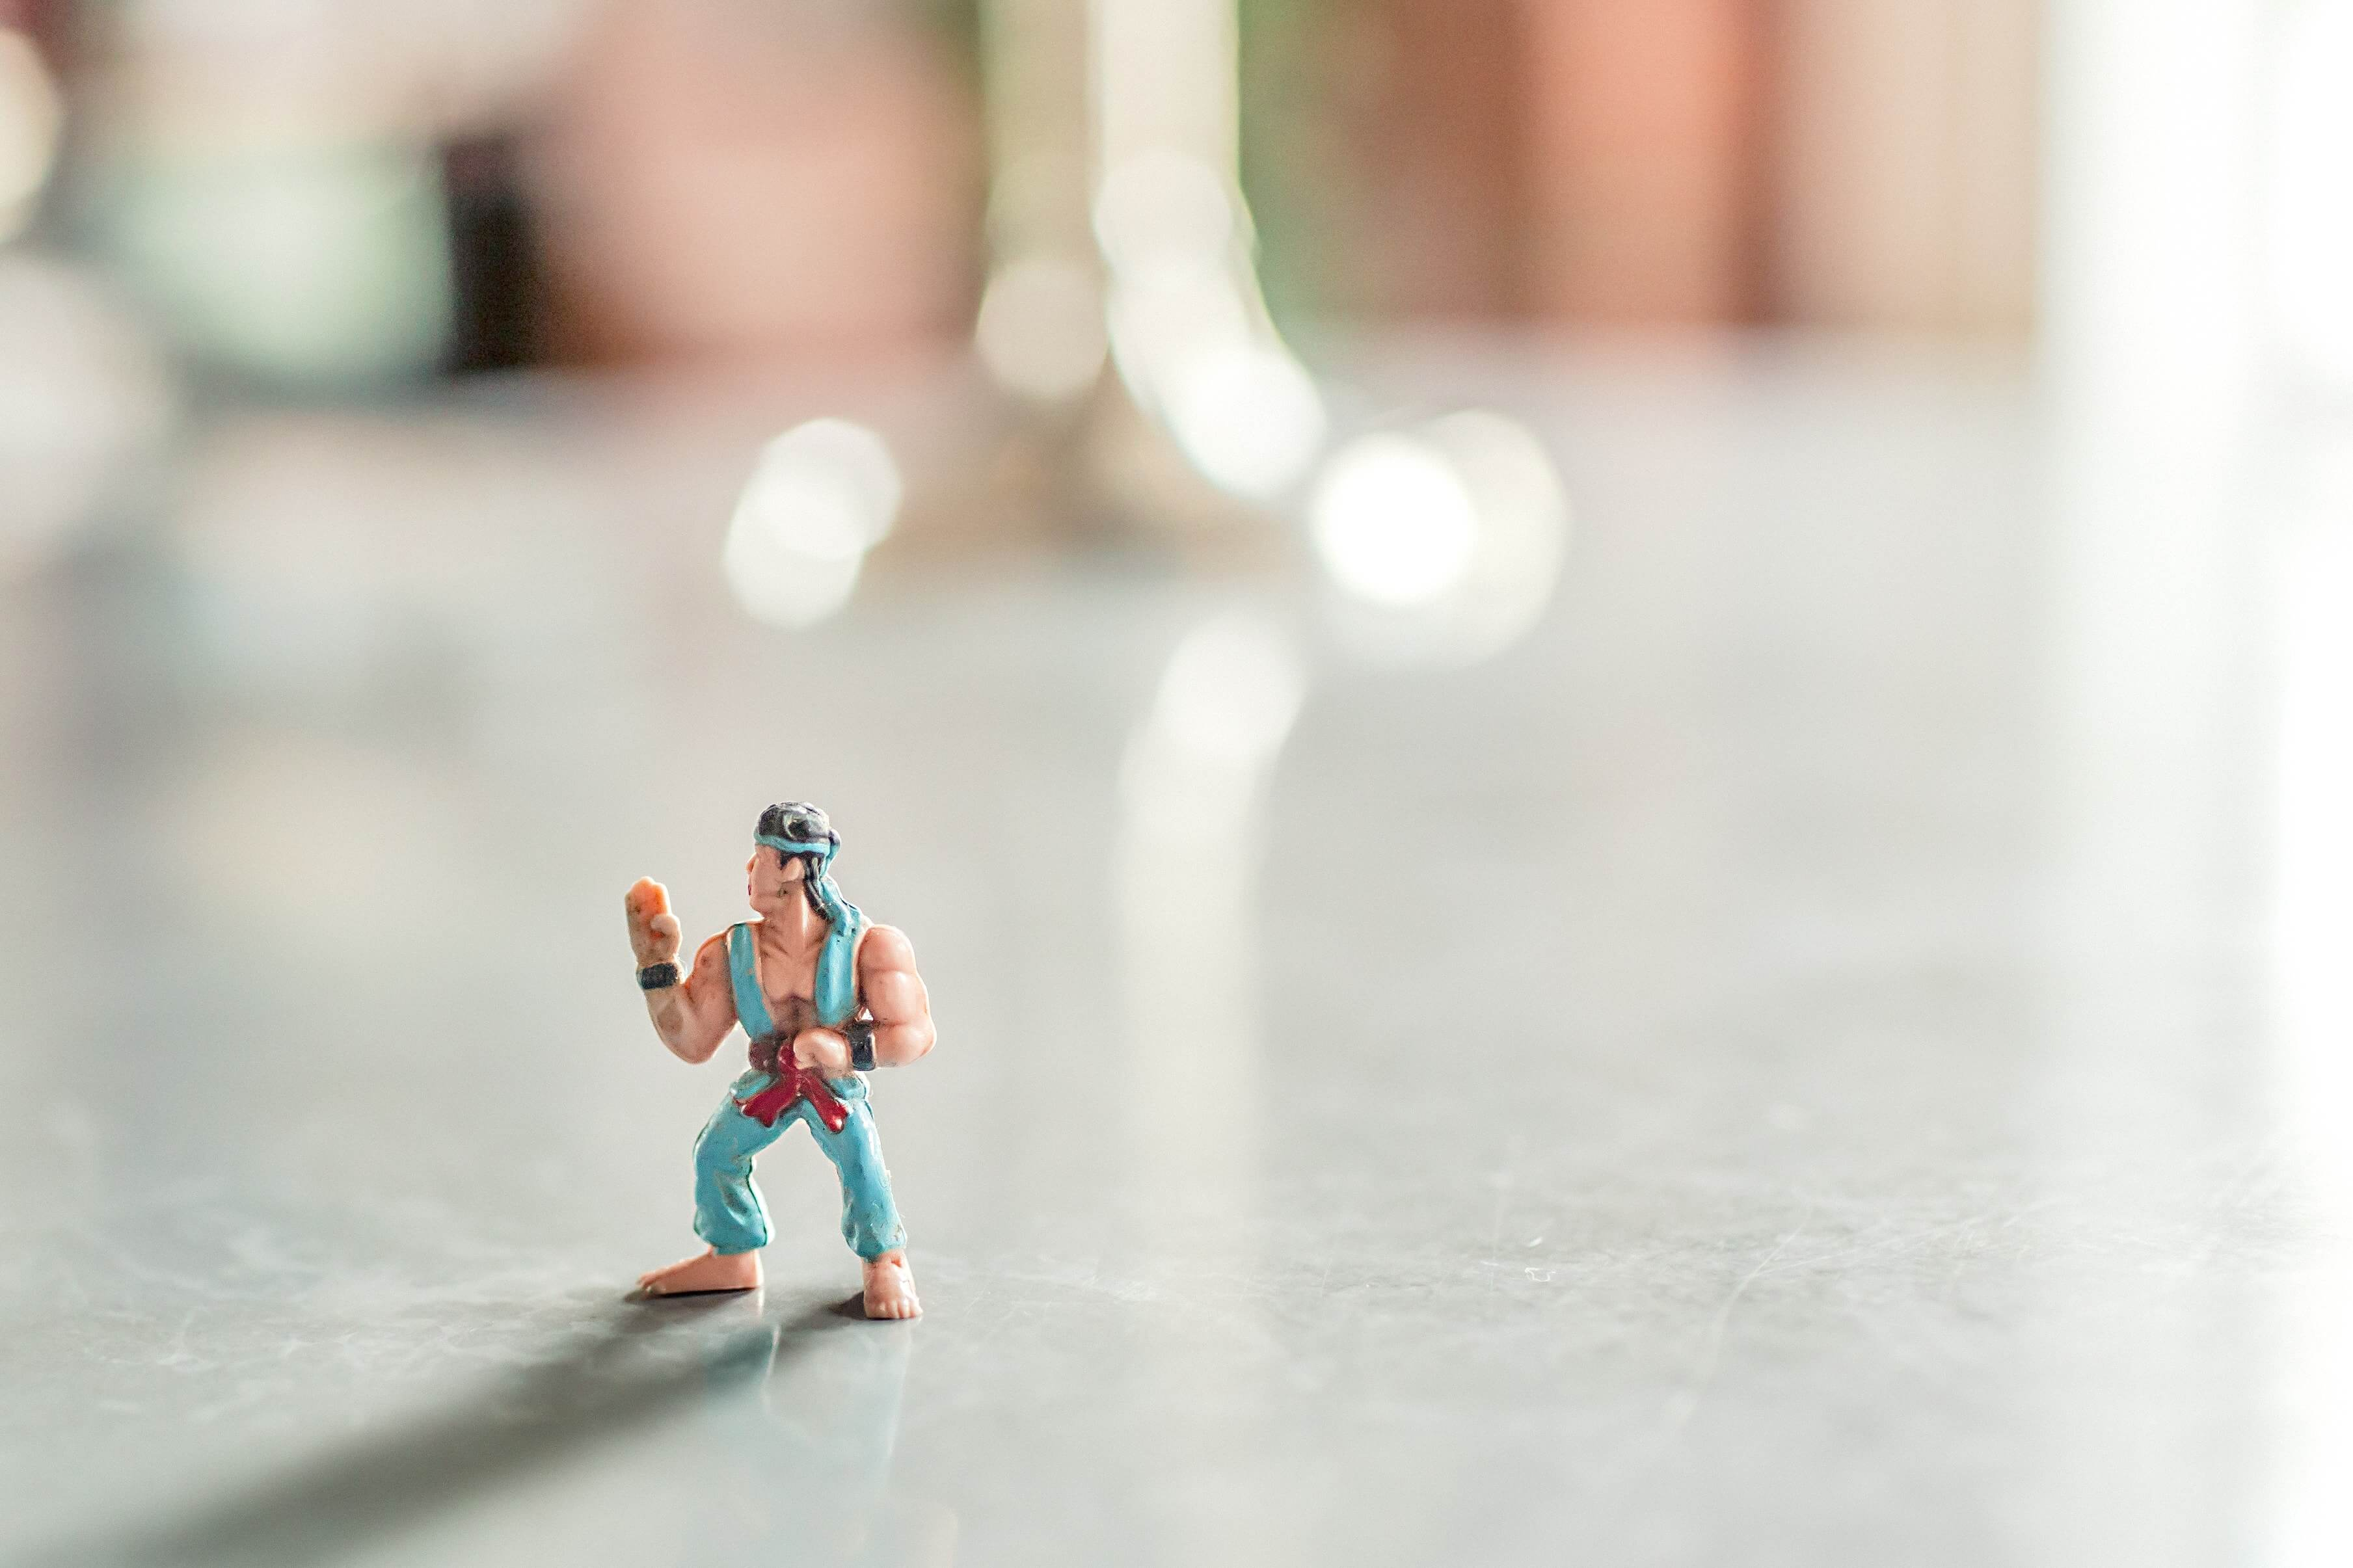 Boneco em posição de luta